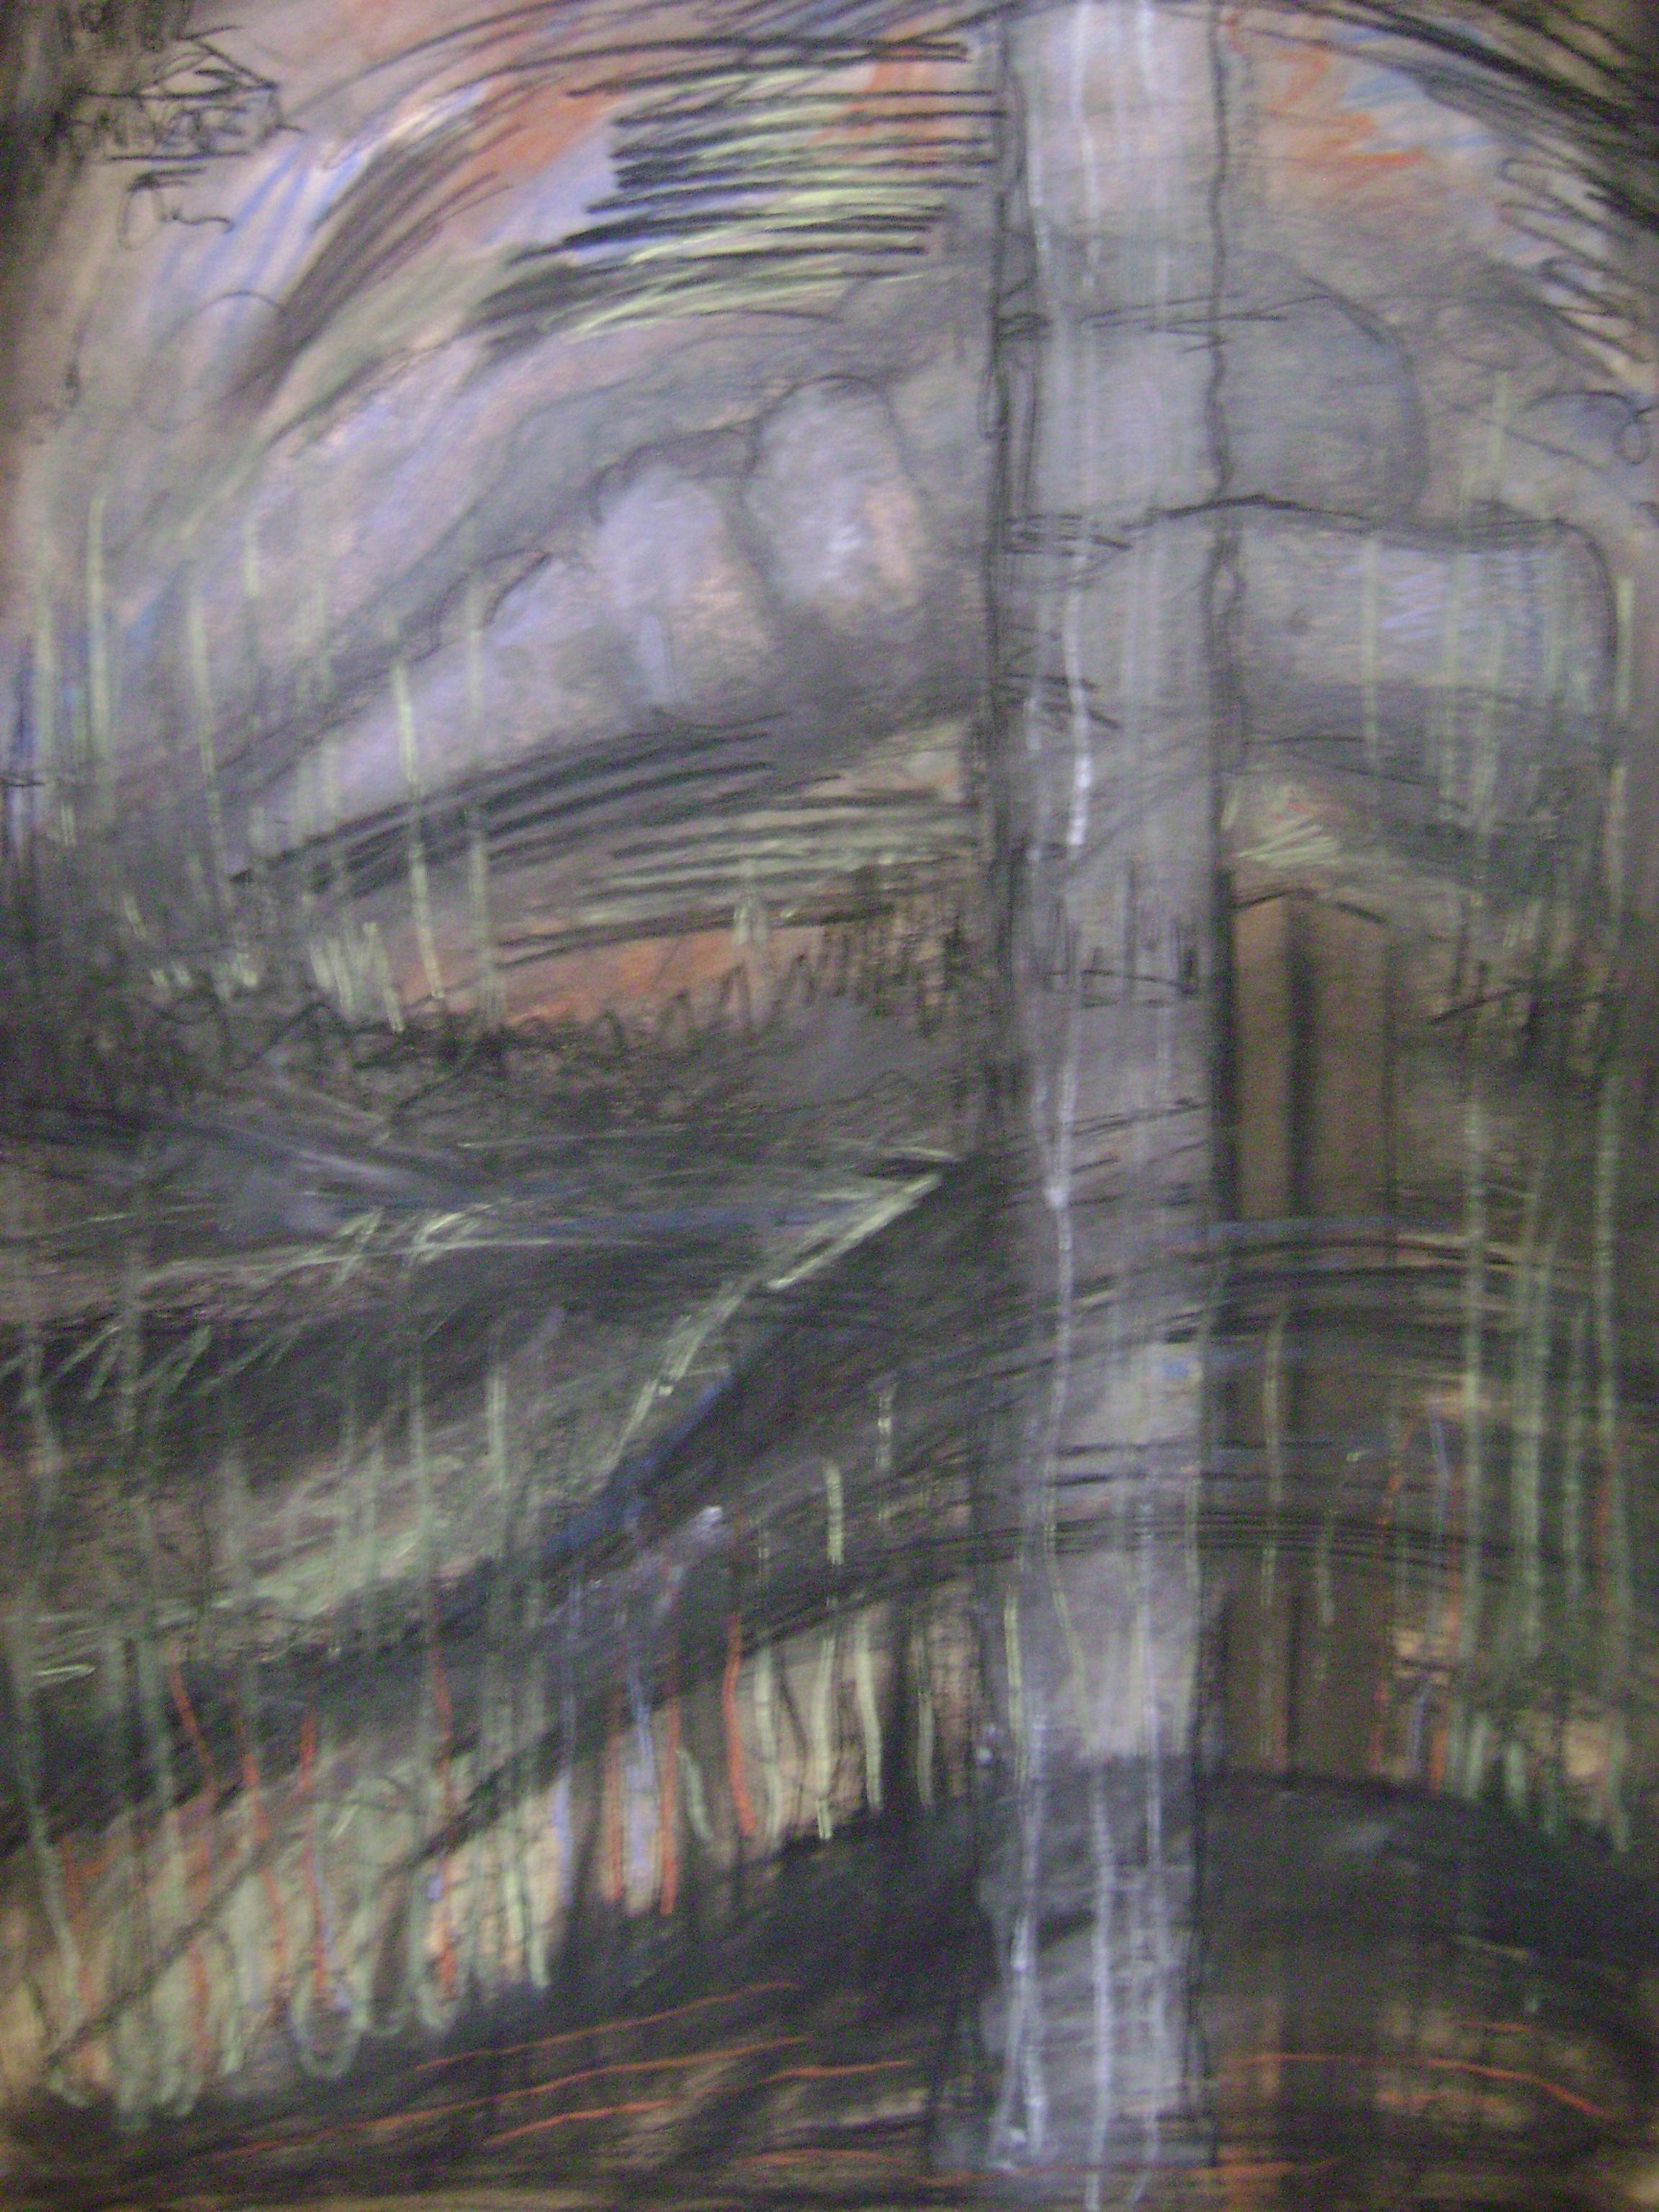 ANDREEA RUS , p. 7. artbook, 70-50 cm., 2015